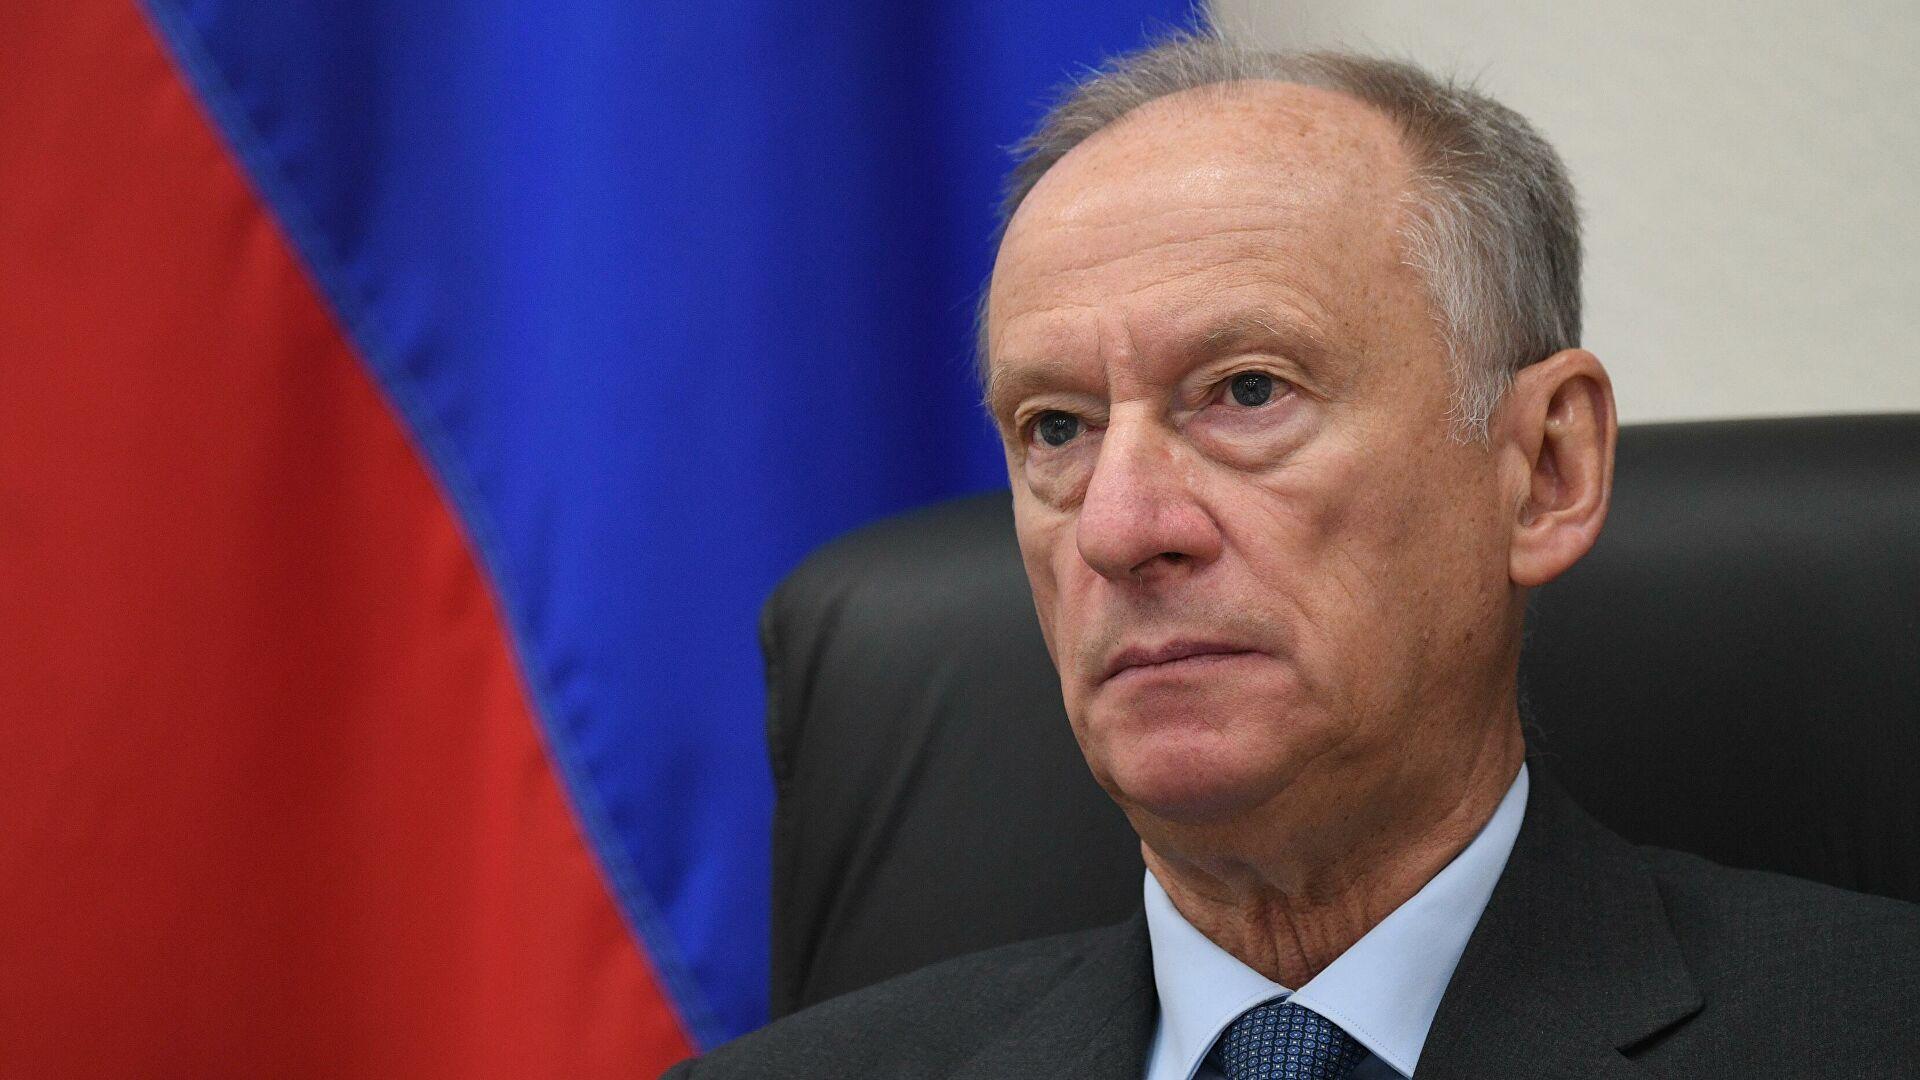 Patrušev i Salivan razgovarali o bilateralnim odnosima i međunarodnim pitanjima